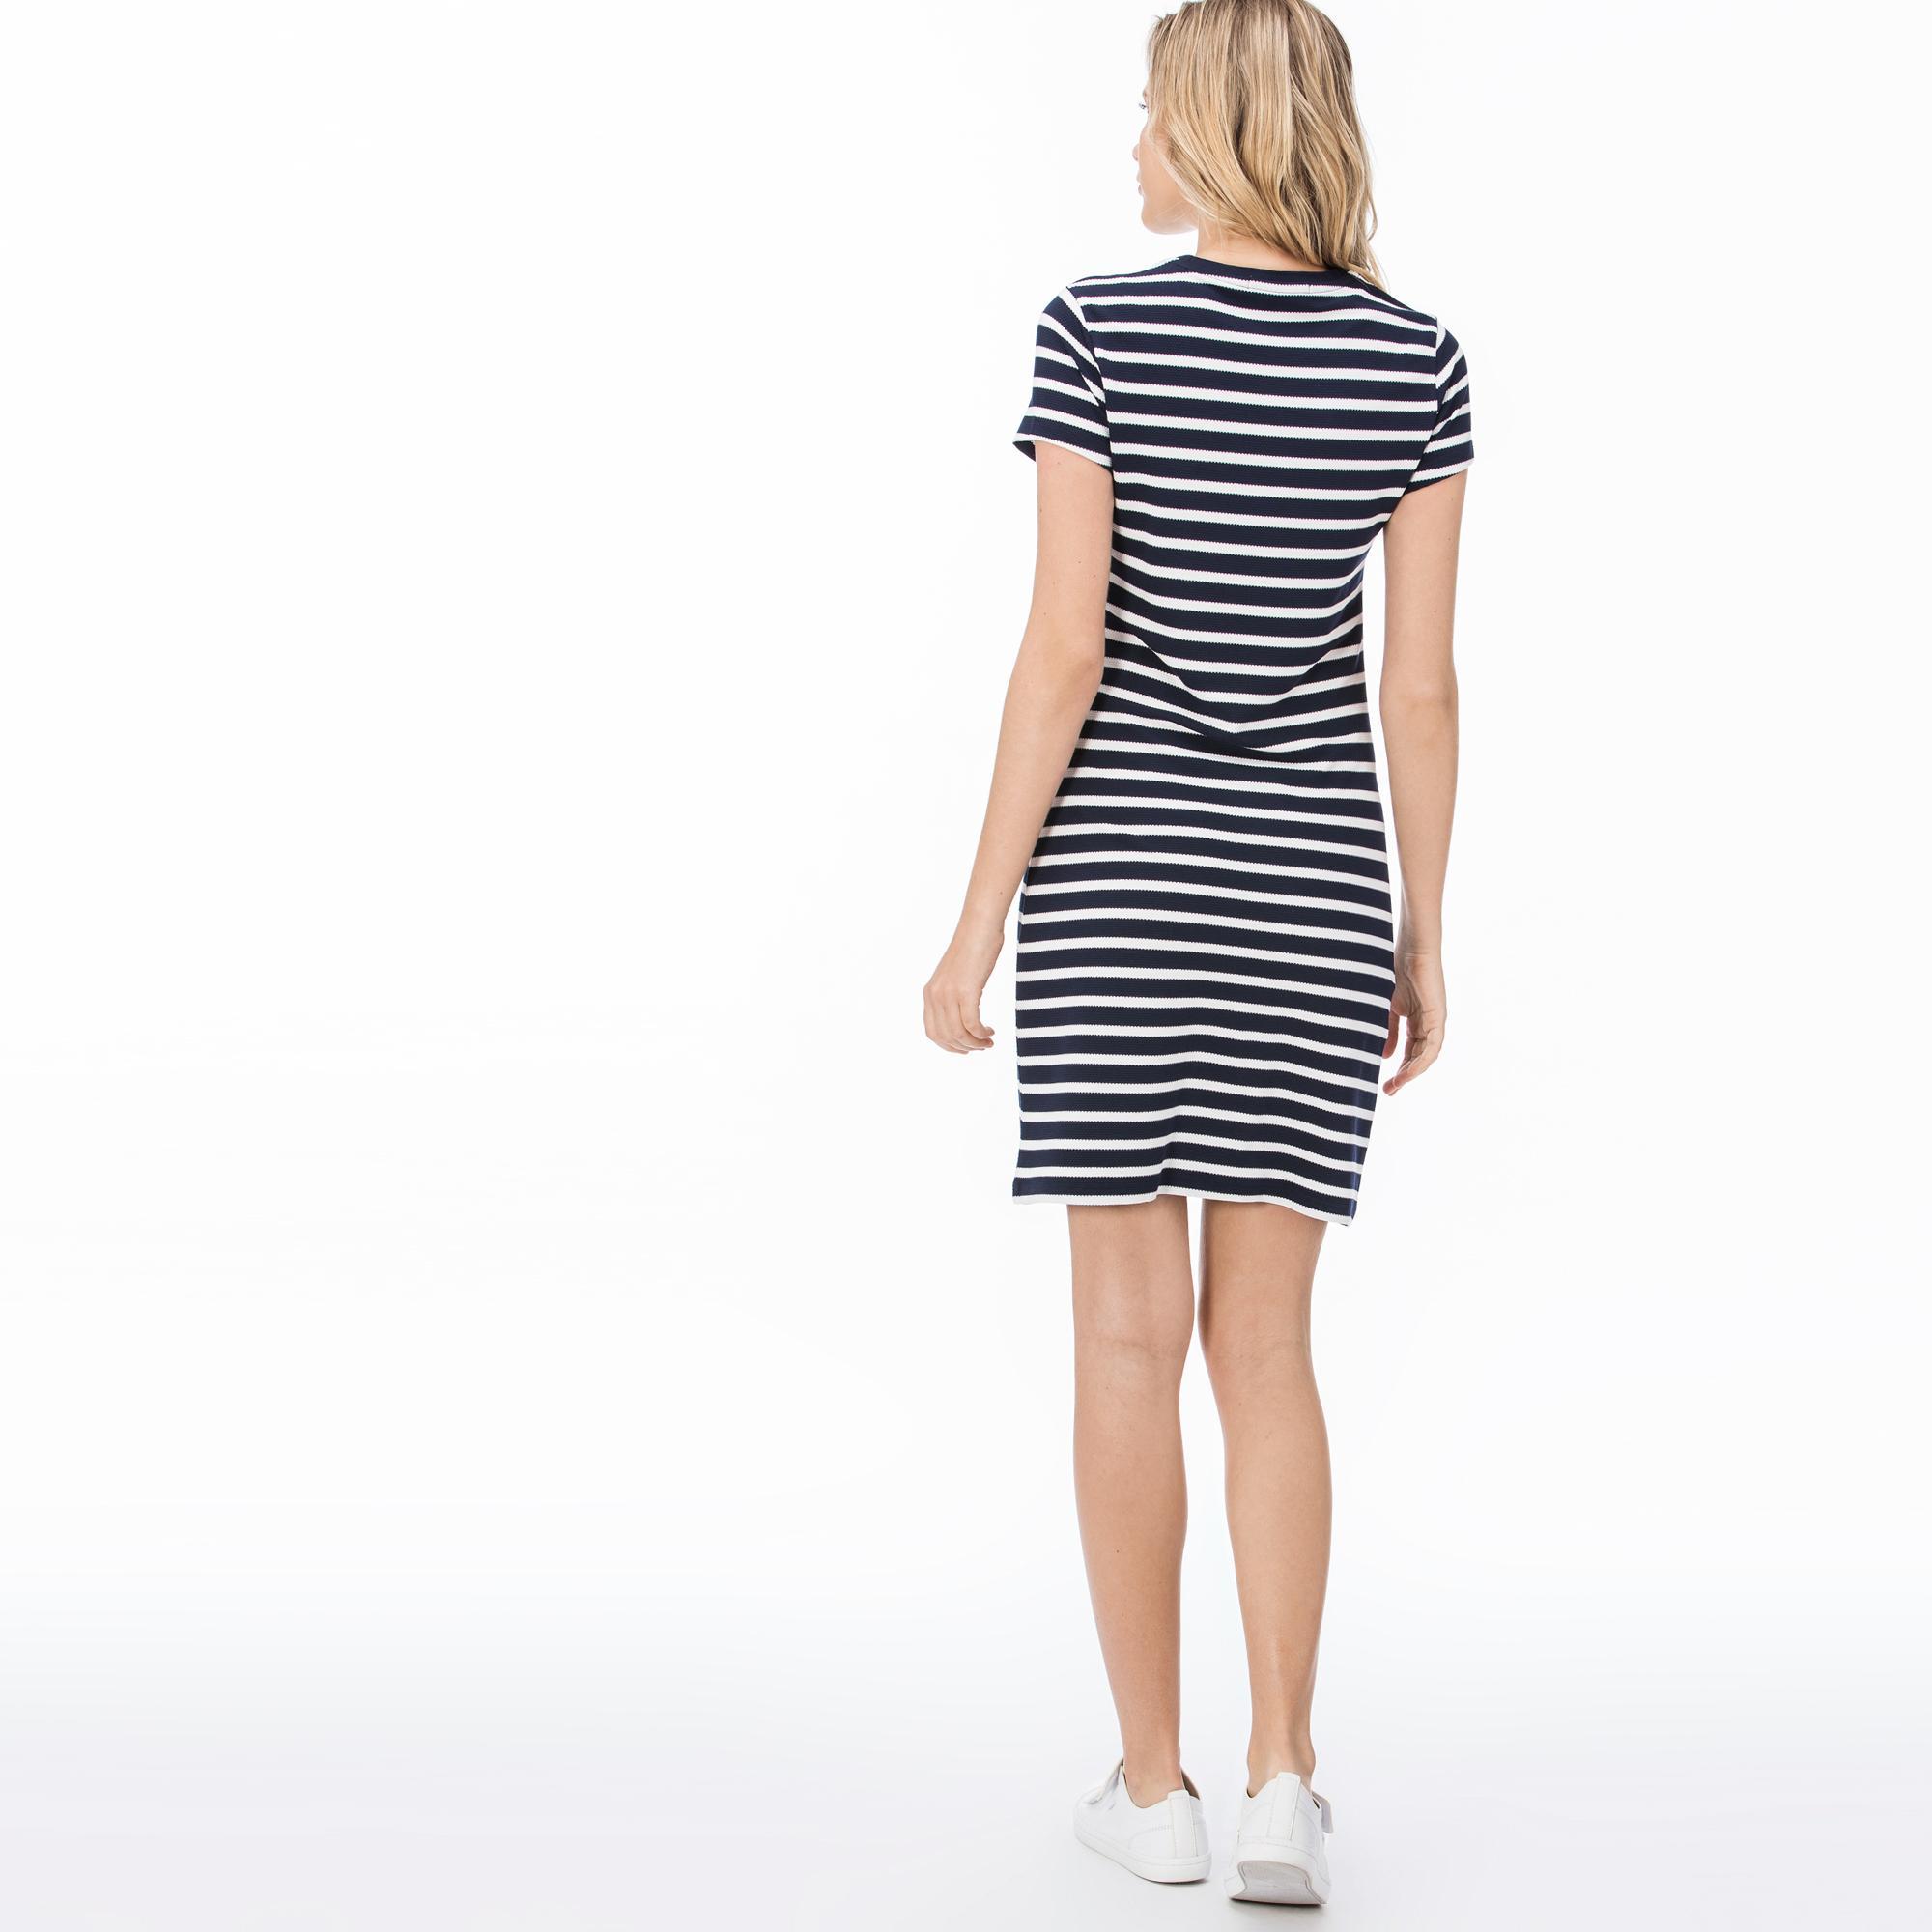 Lacoste Kadın Mavi -Beyaz Elbise